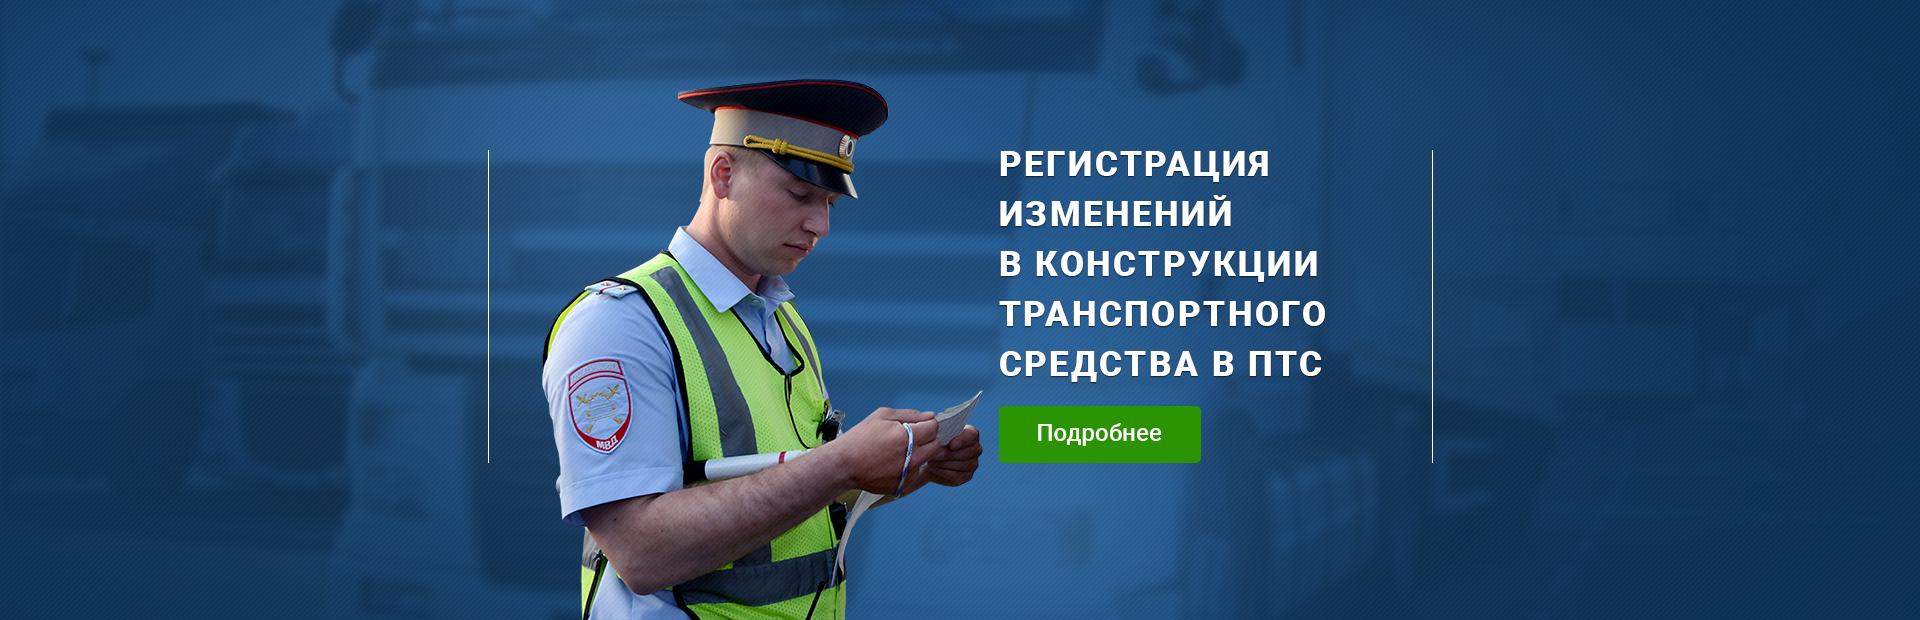 http://tahosfera.ru/внесение-изменений-в-конструкцию